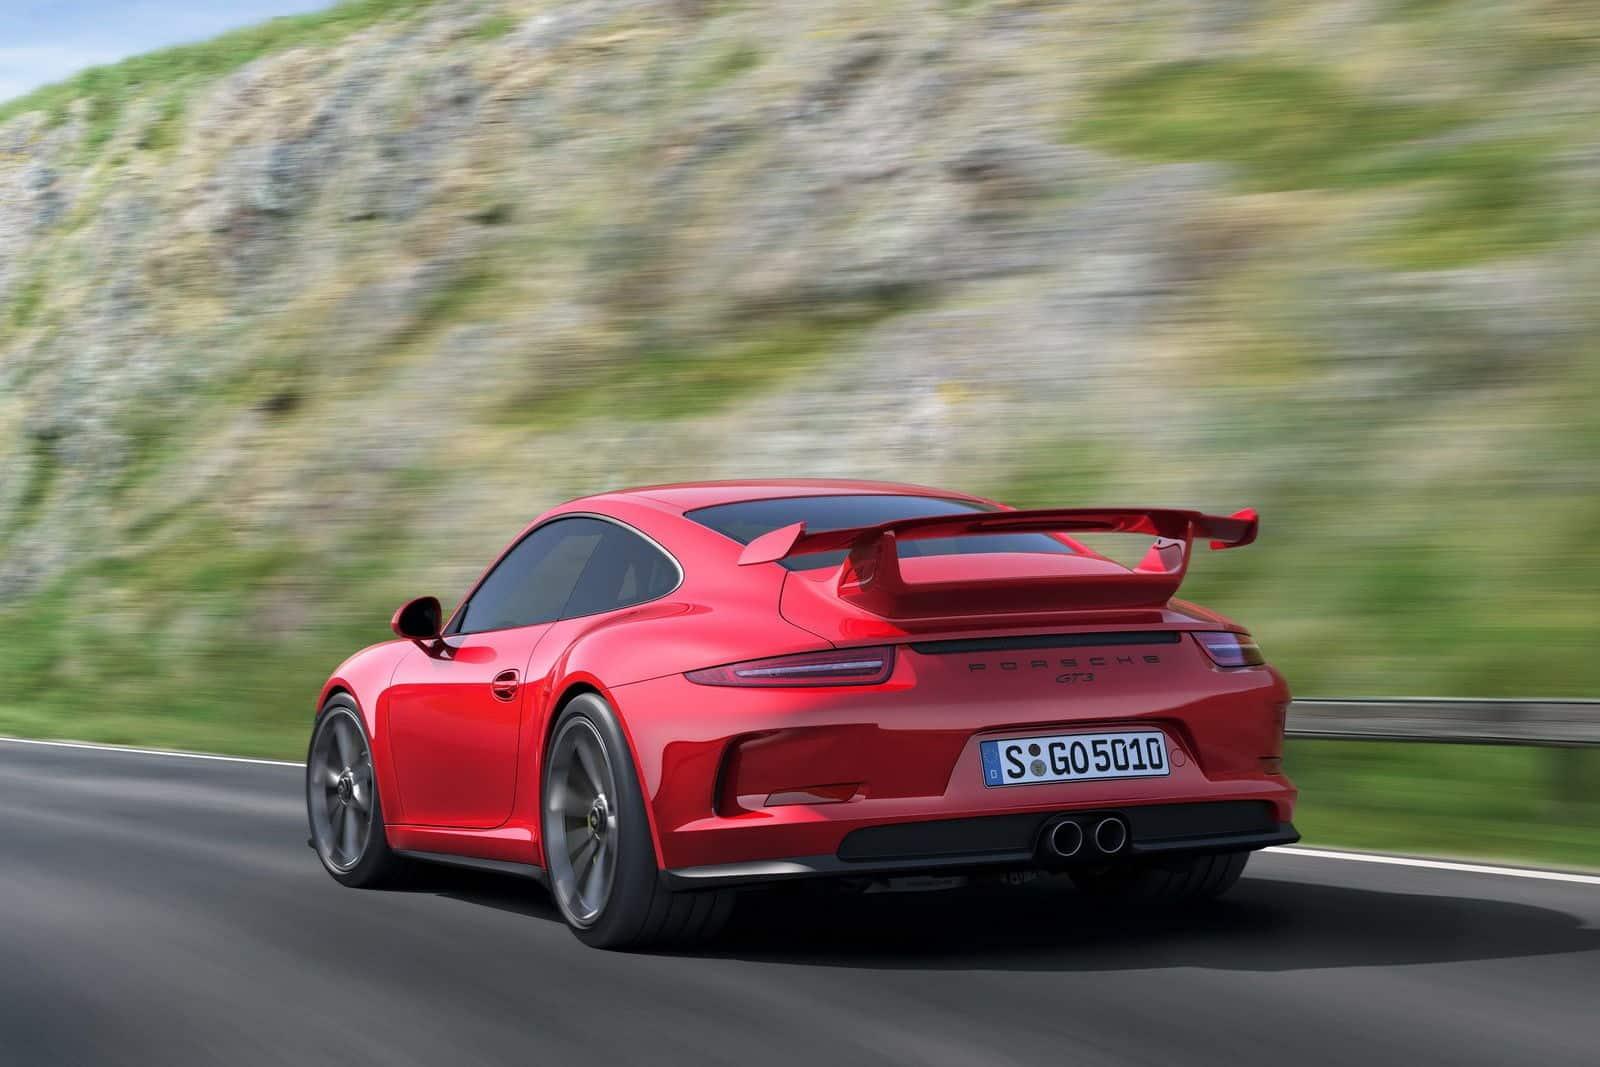 2014 Porsche 911 GT3 rear